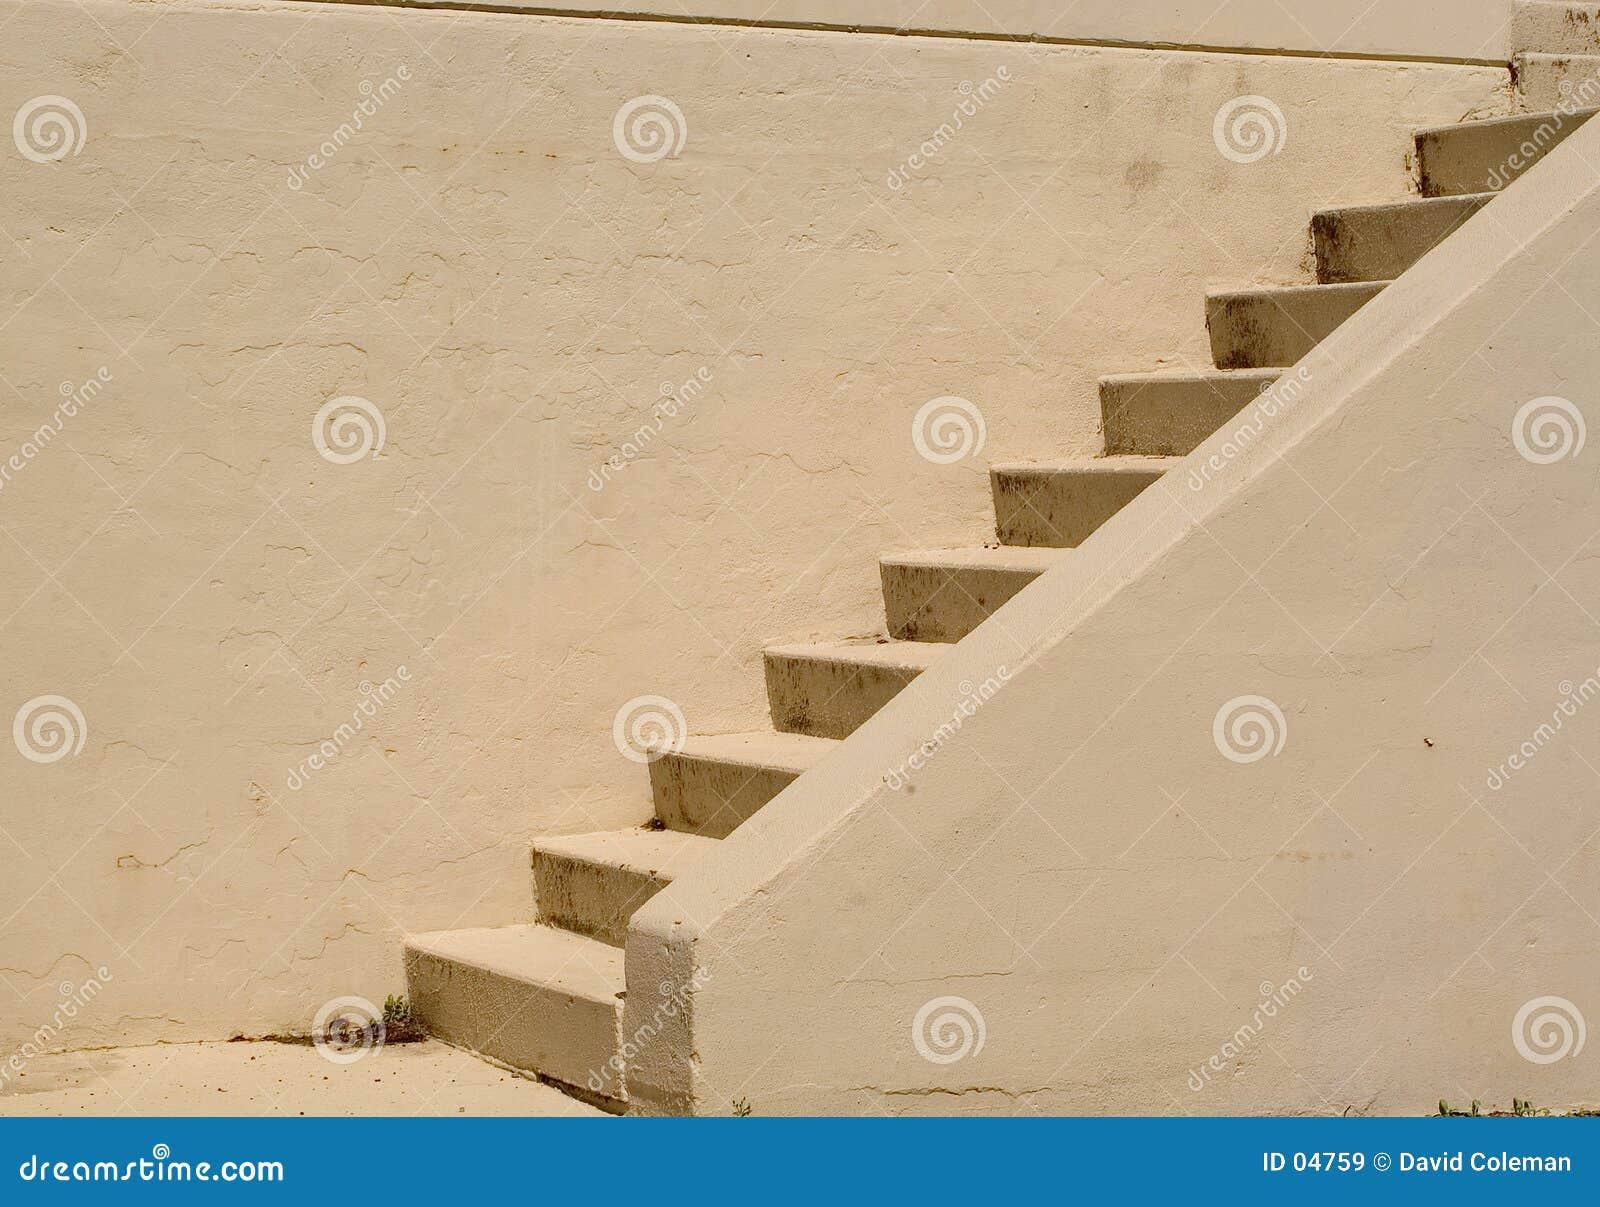 用水泥涂台阶